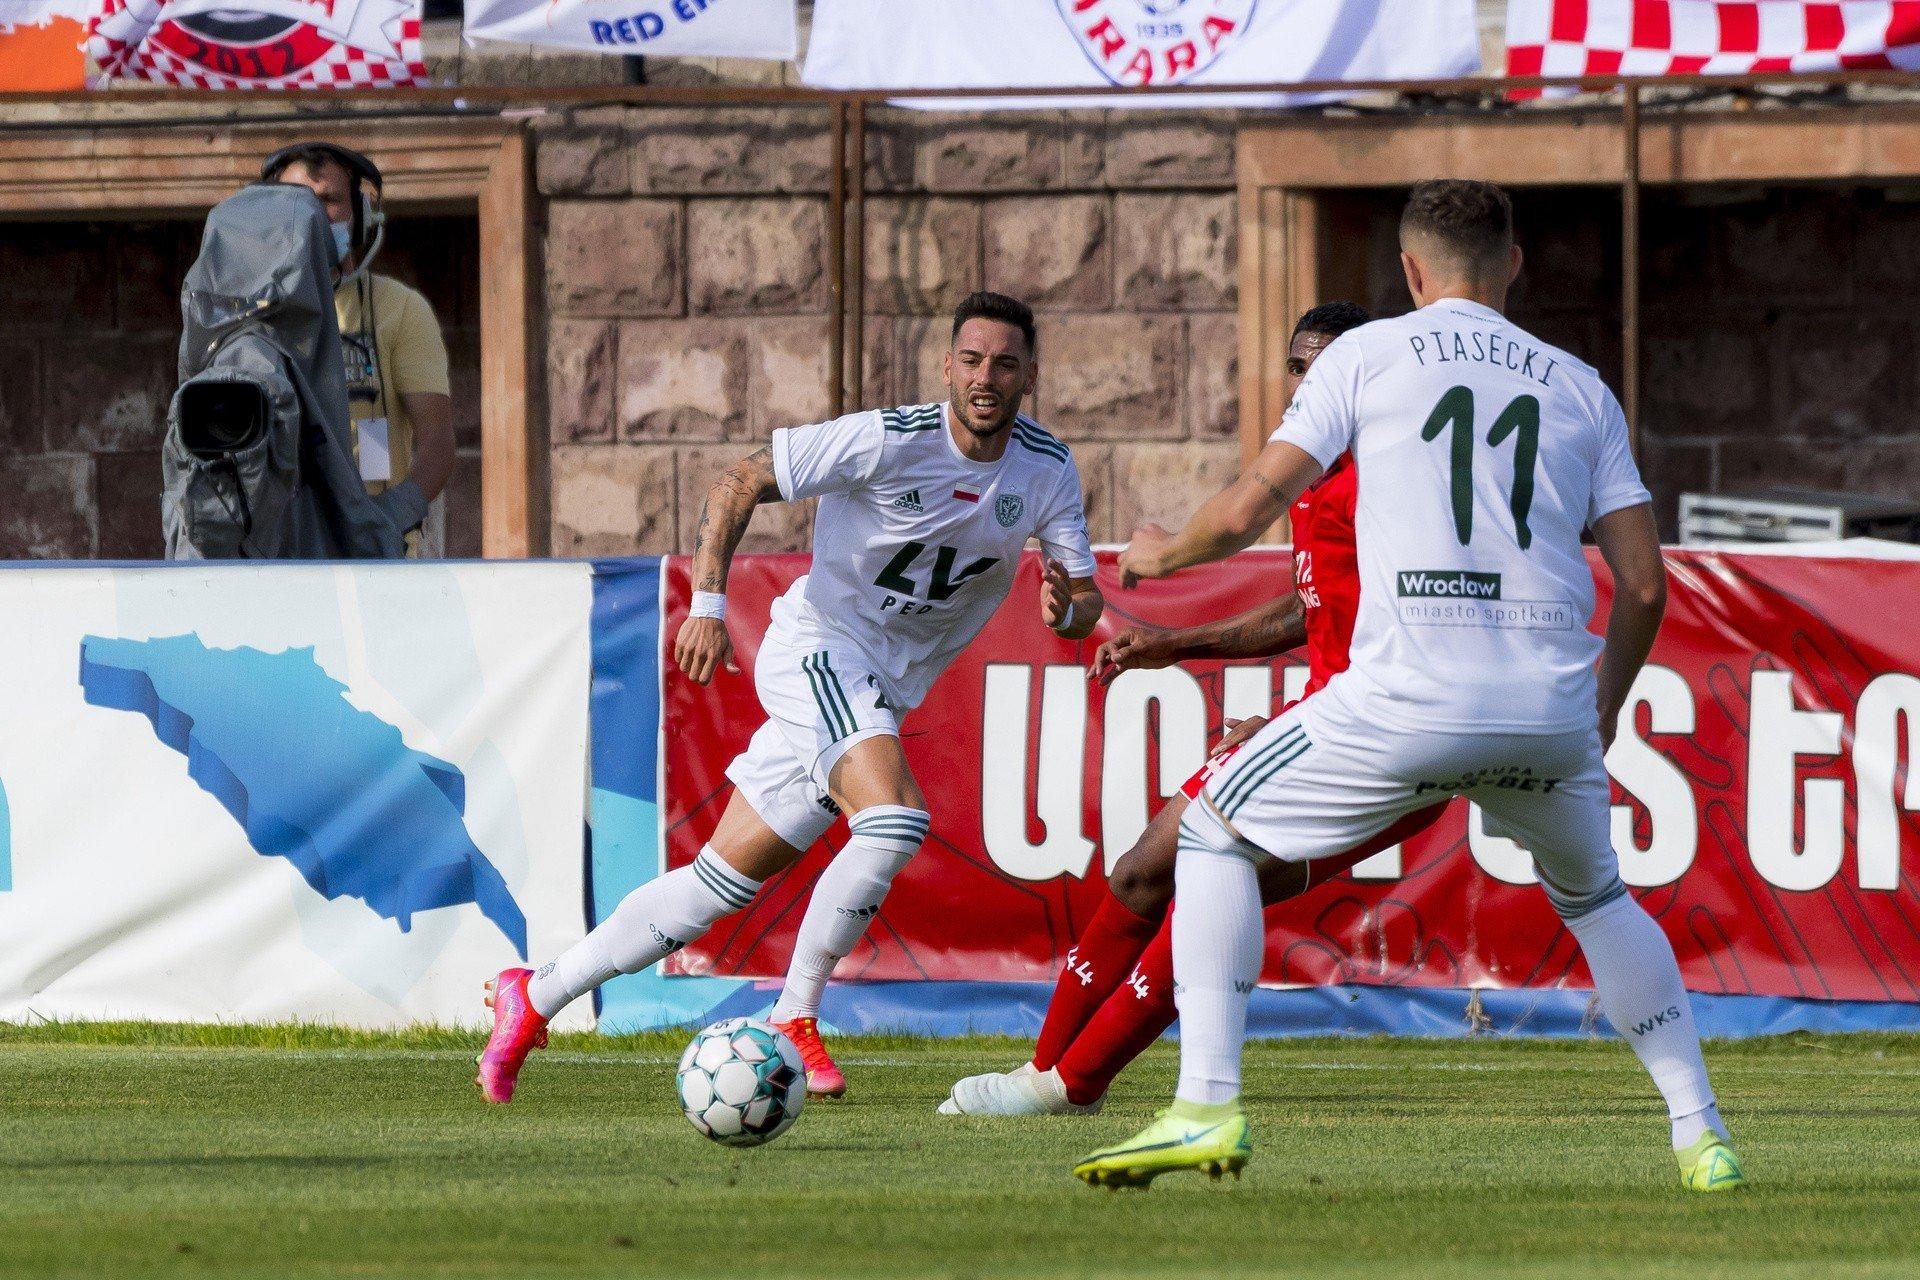 Śląsk Wrocław - Warta Poznań. Śląsk inauguruje sezon ligowy 2020/2021 na własnym stadionie   Gol24